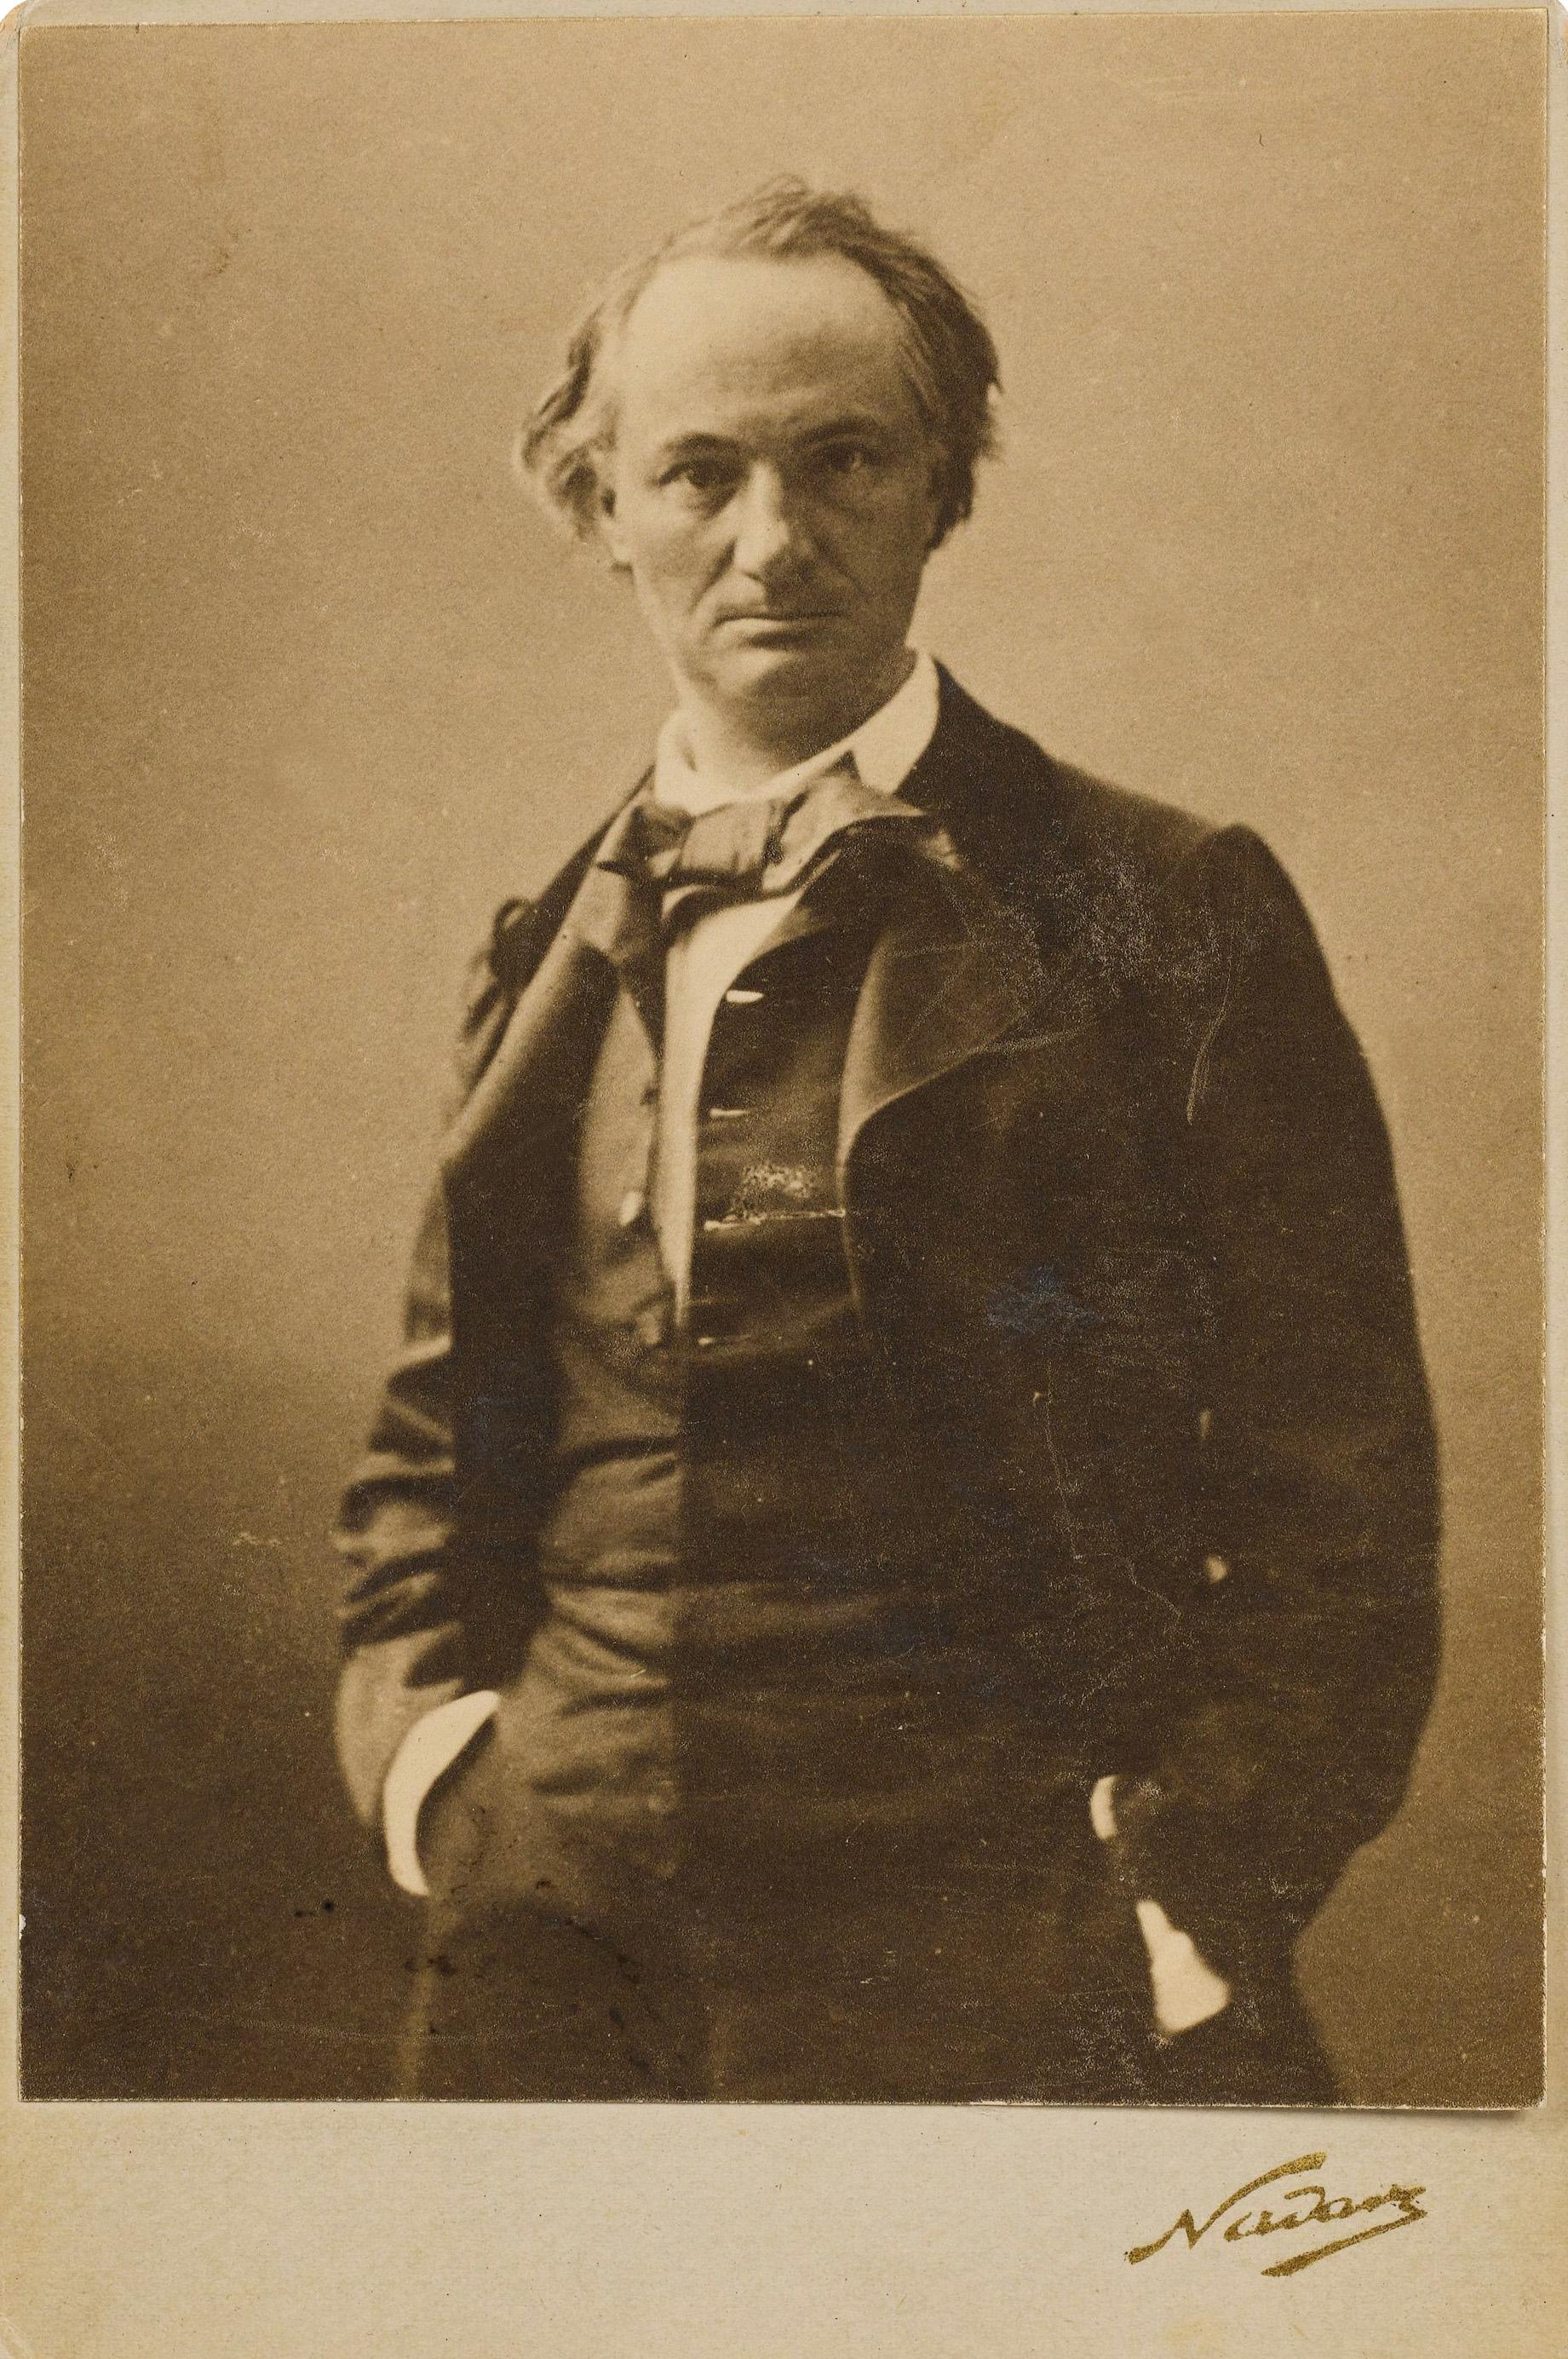 Fişier:Charles Baudelaire.jpg